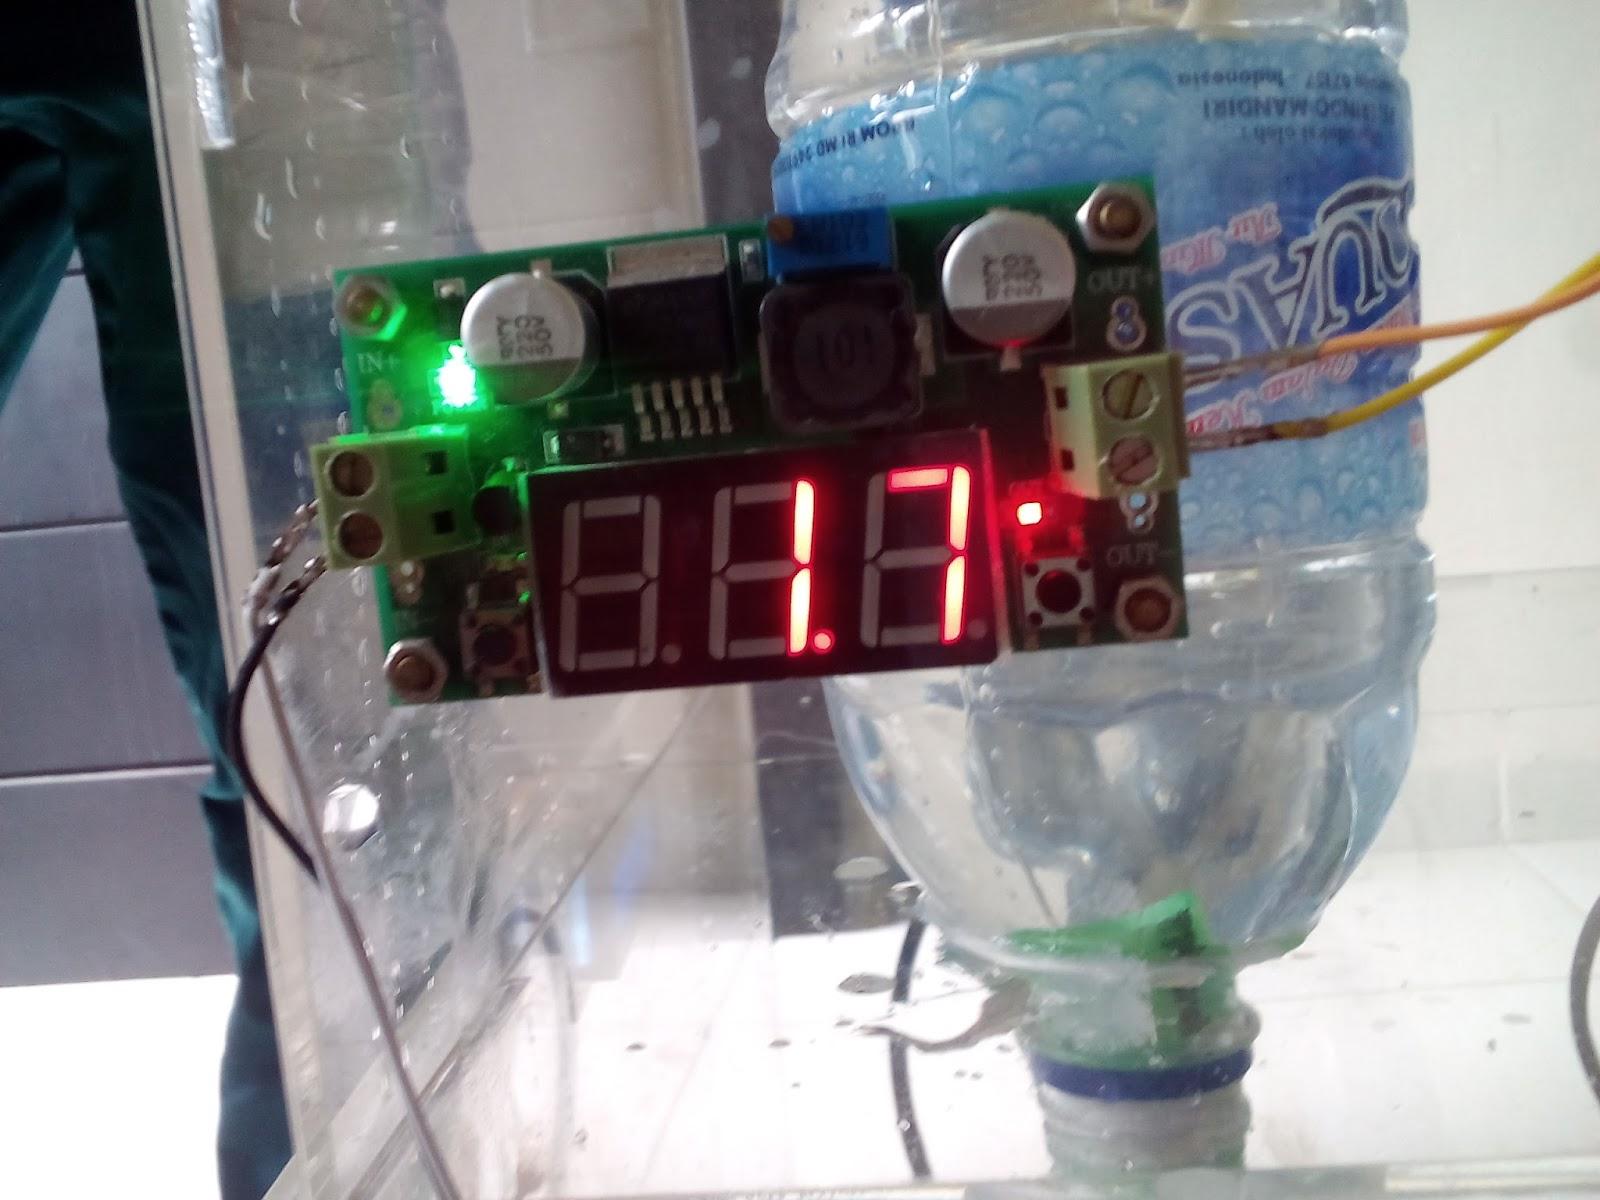 Mengakses Solenoid Valve dan Water Flow Meter Sensor untuk Water